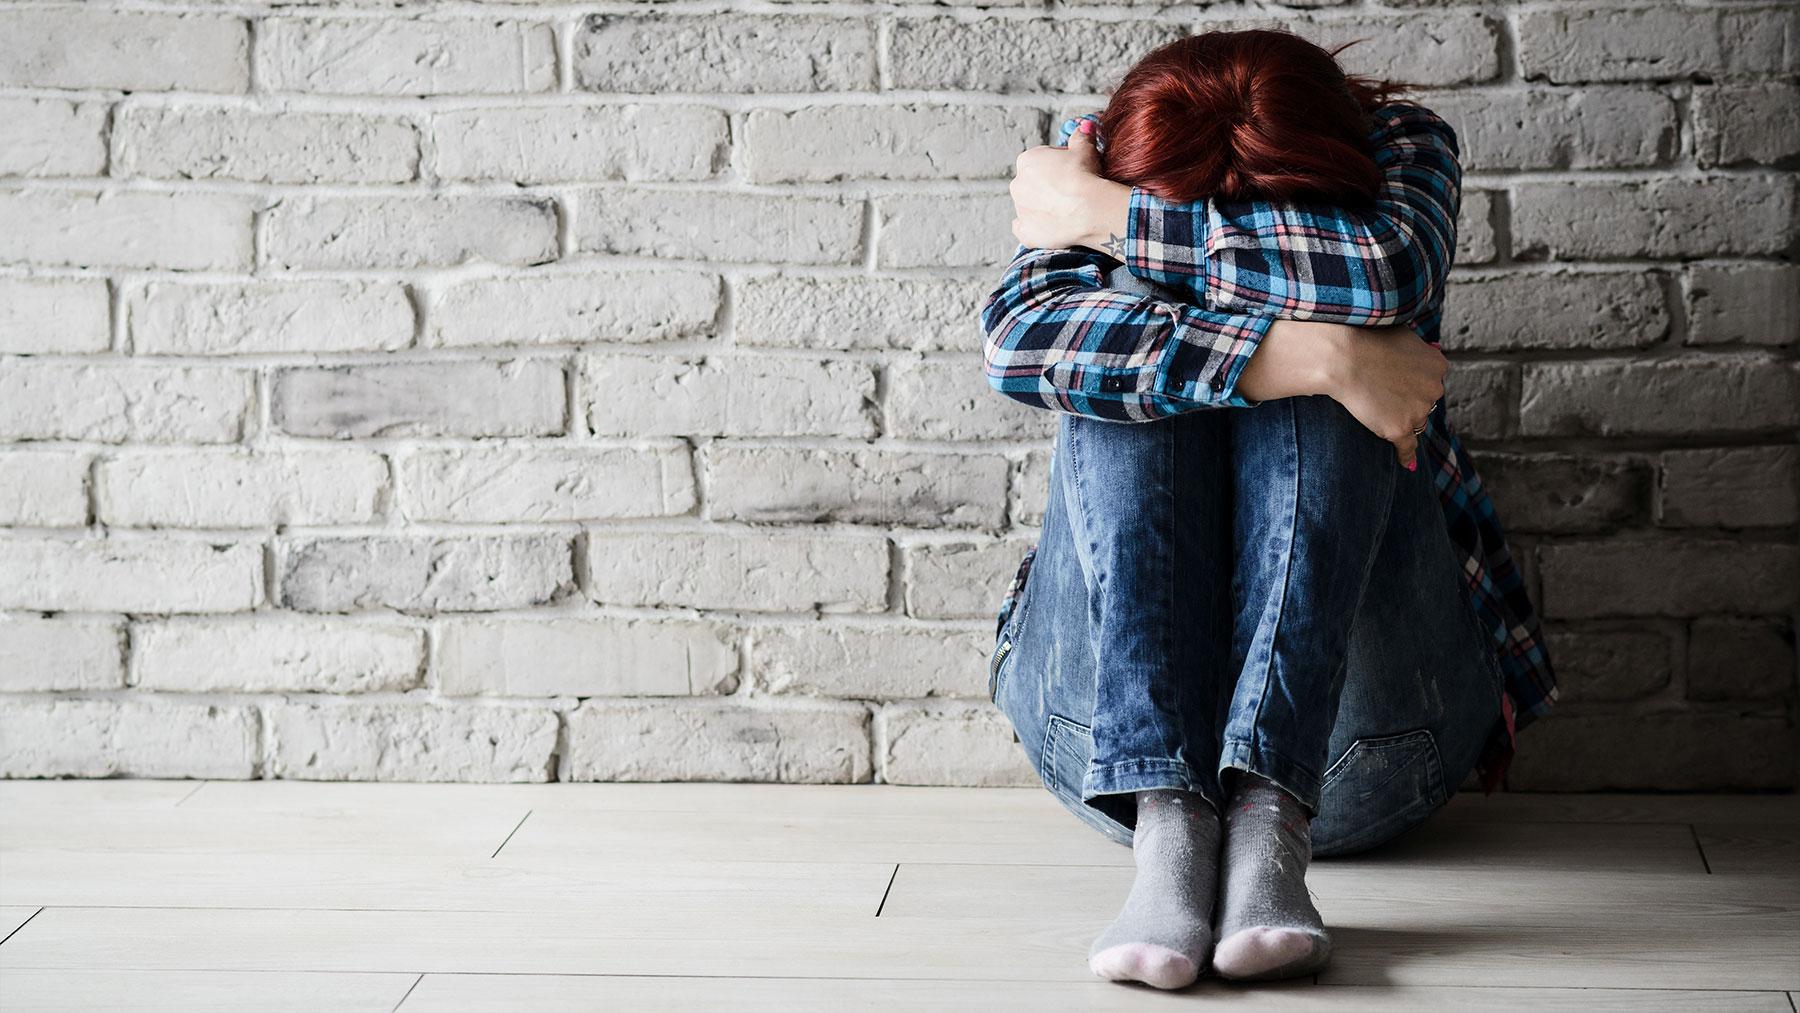 Meisje zit ineengedoken tegen een bakstenen muur.